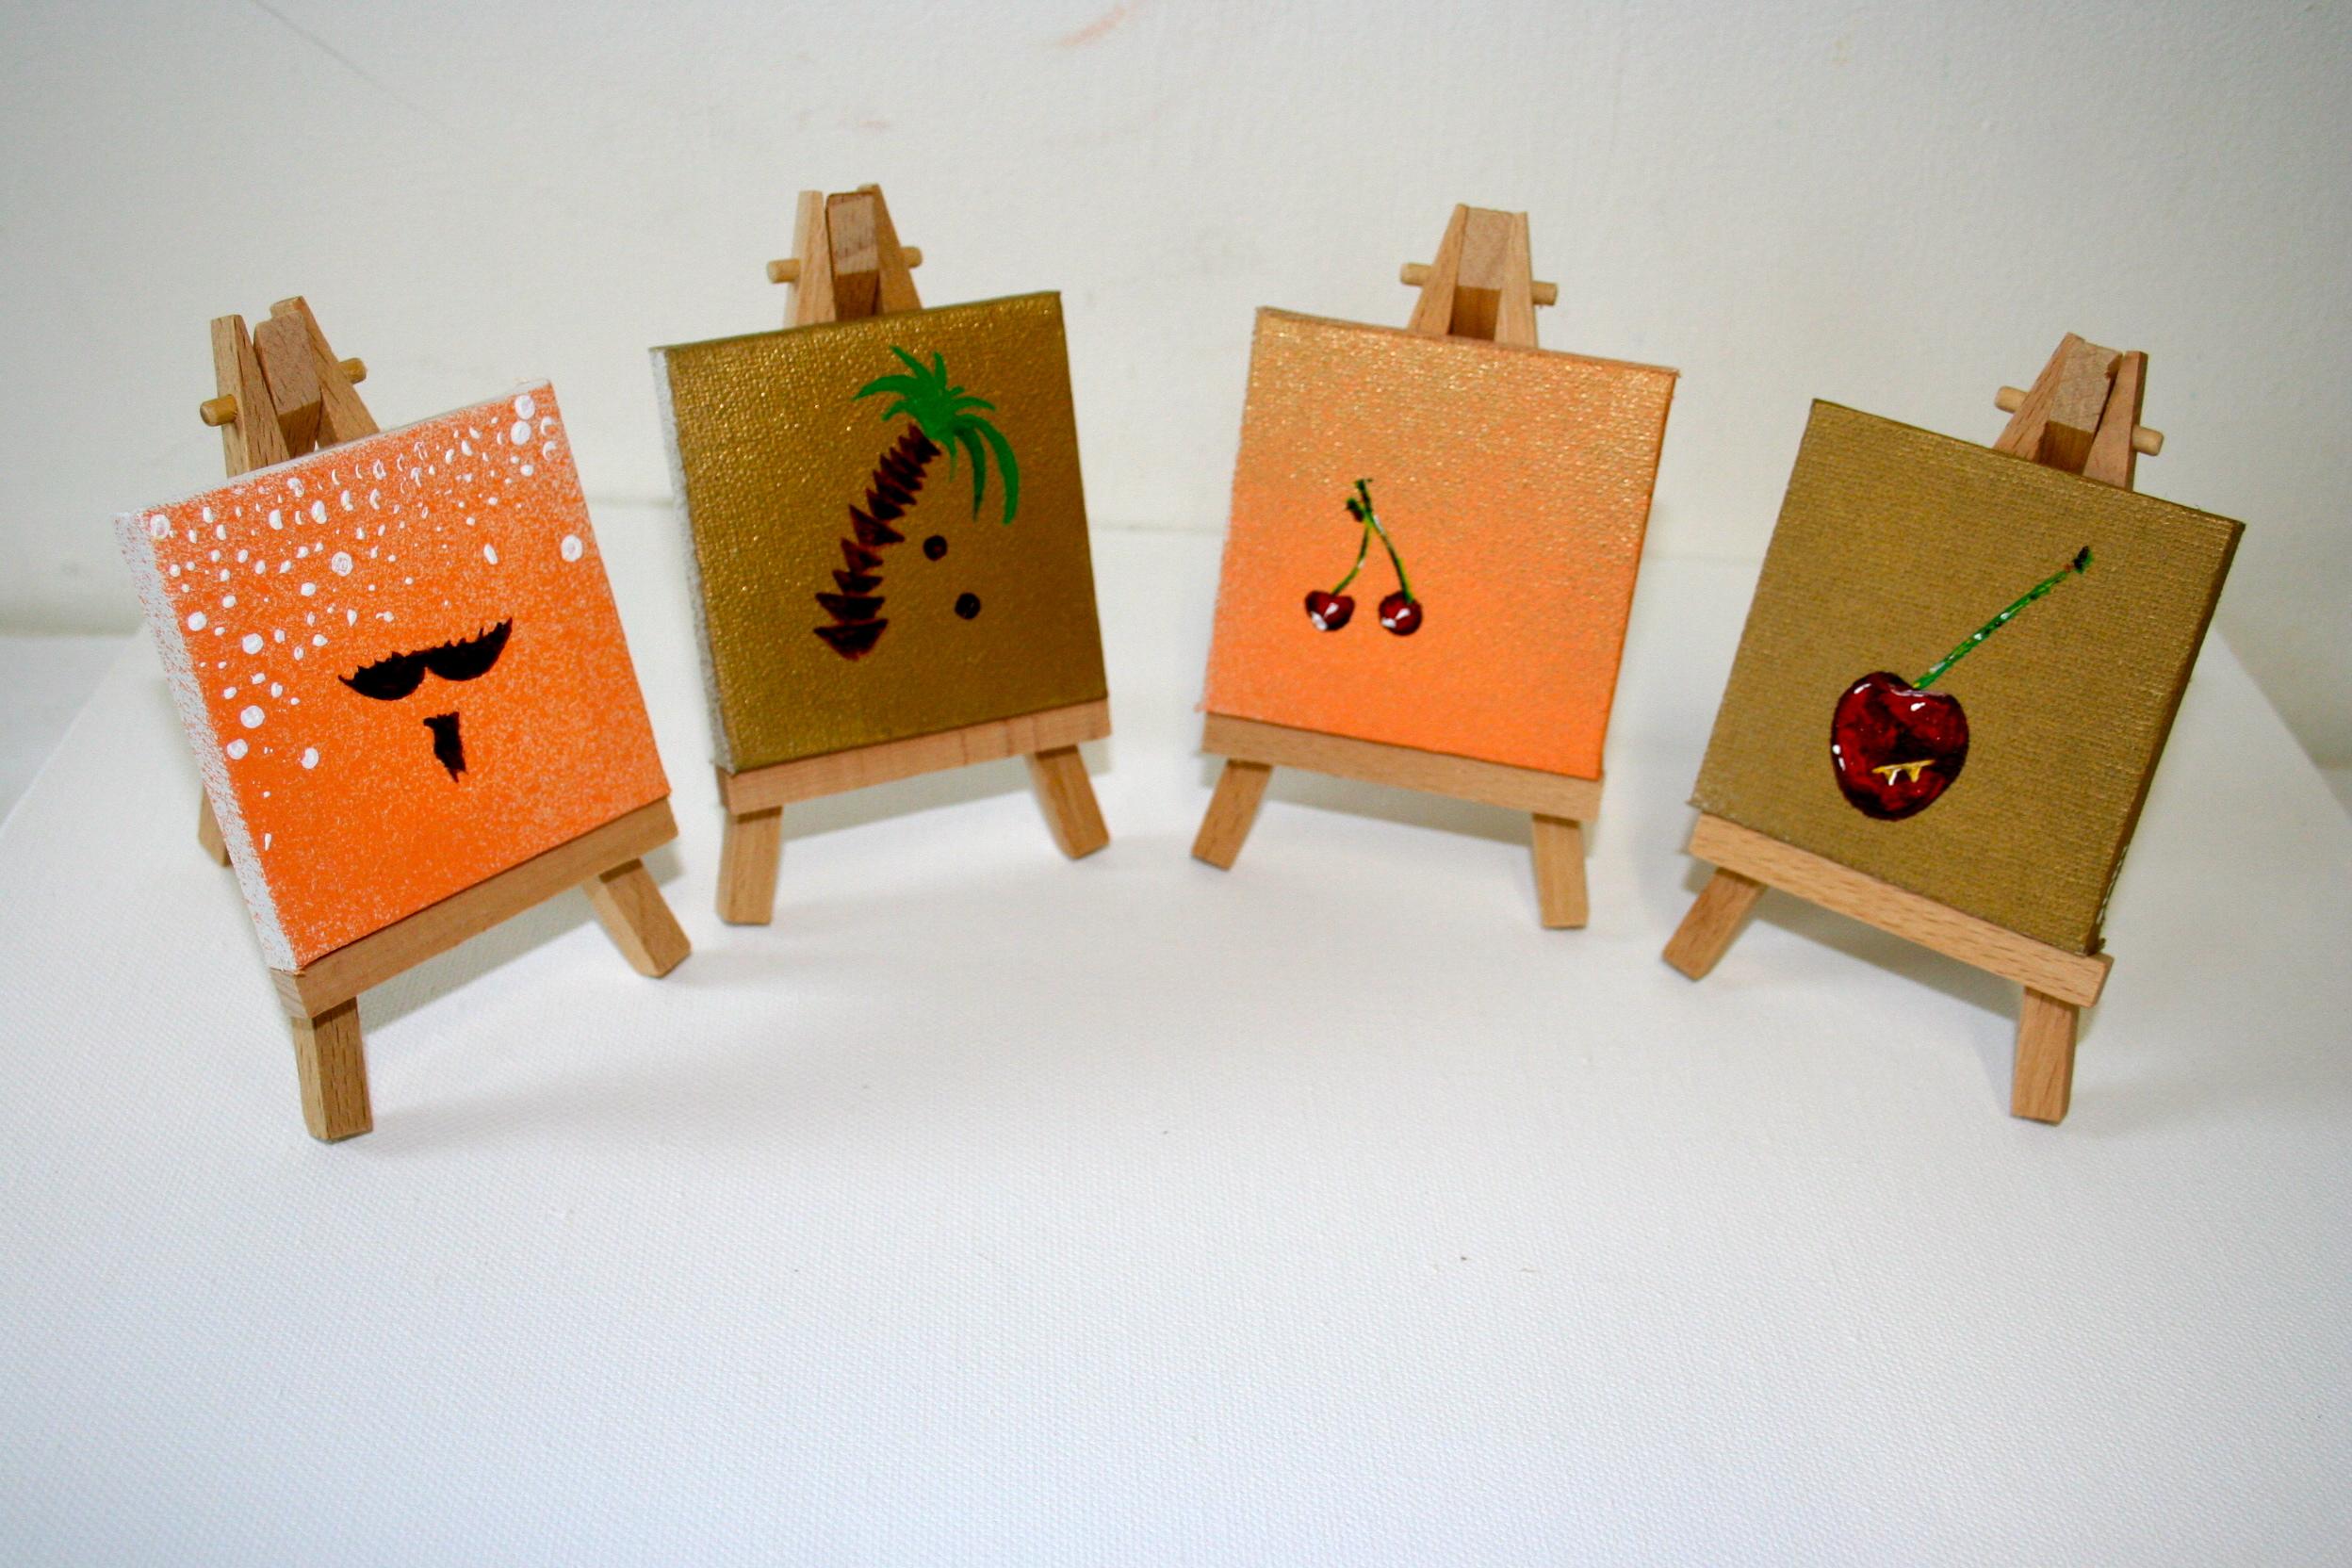 Gold/peach series (4)  2012 Mixed media on canvas 8 x 8cm each